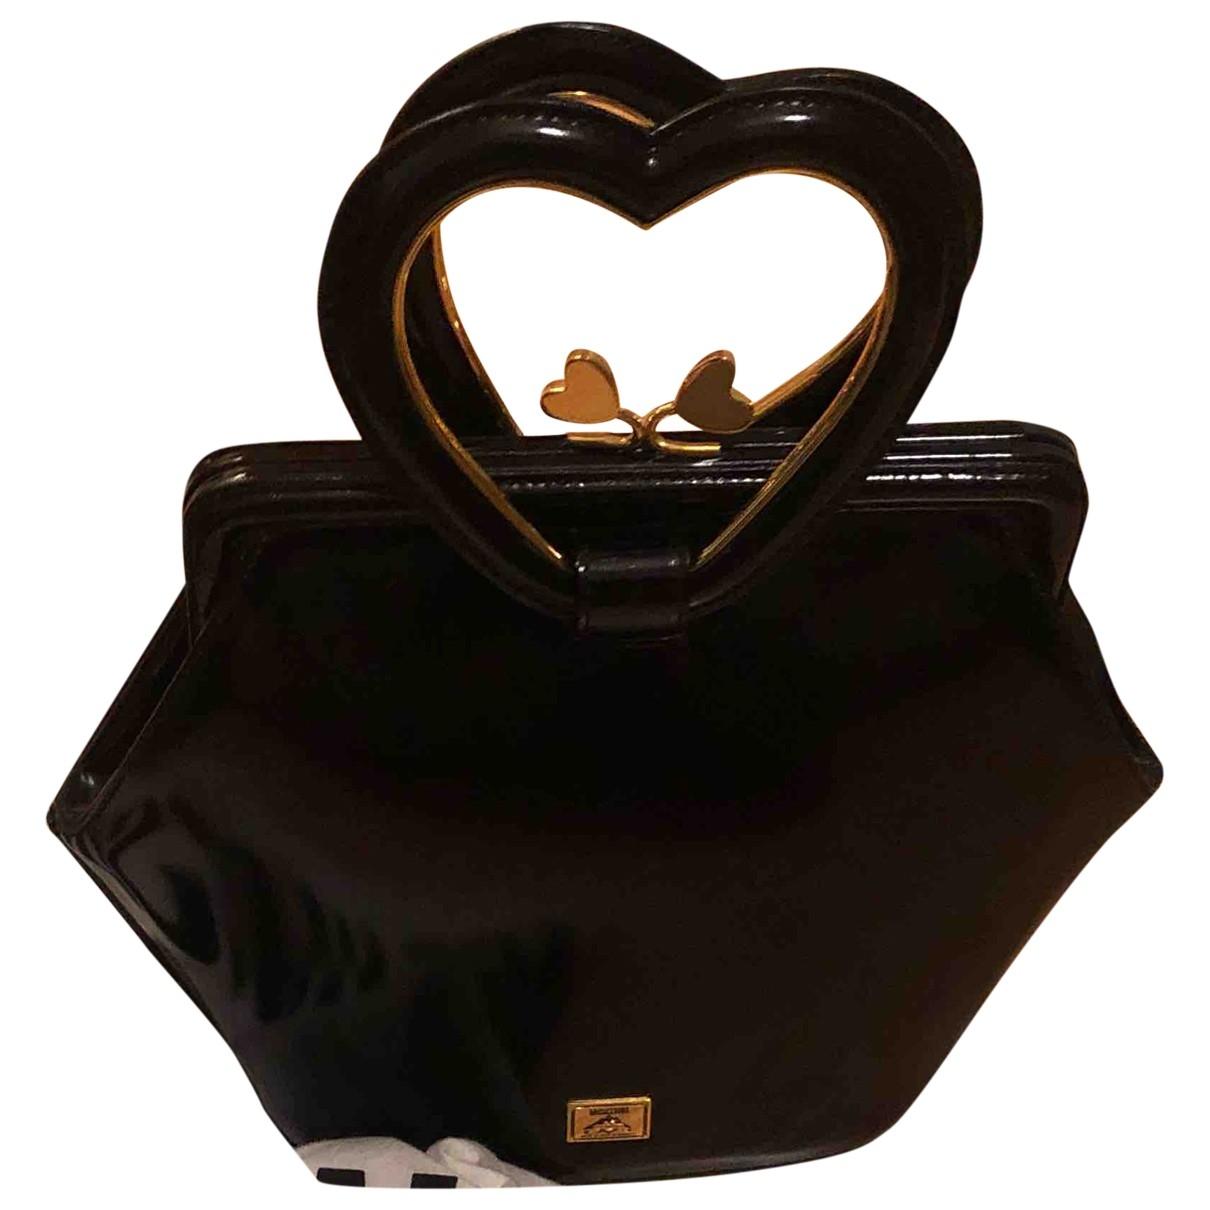 Moschino - Sac a main   pour femme en cuir verni - noir